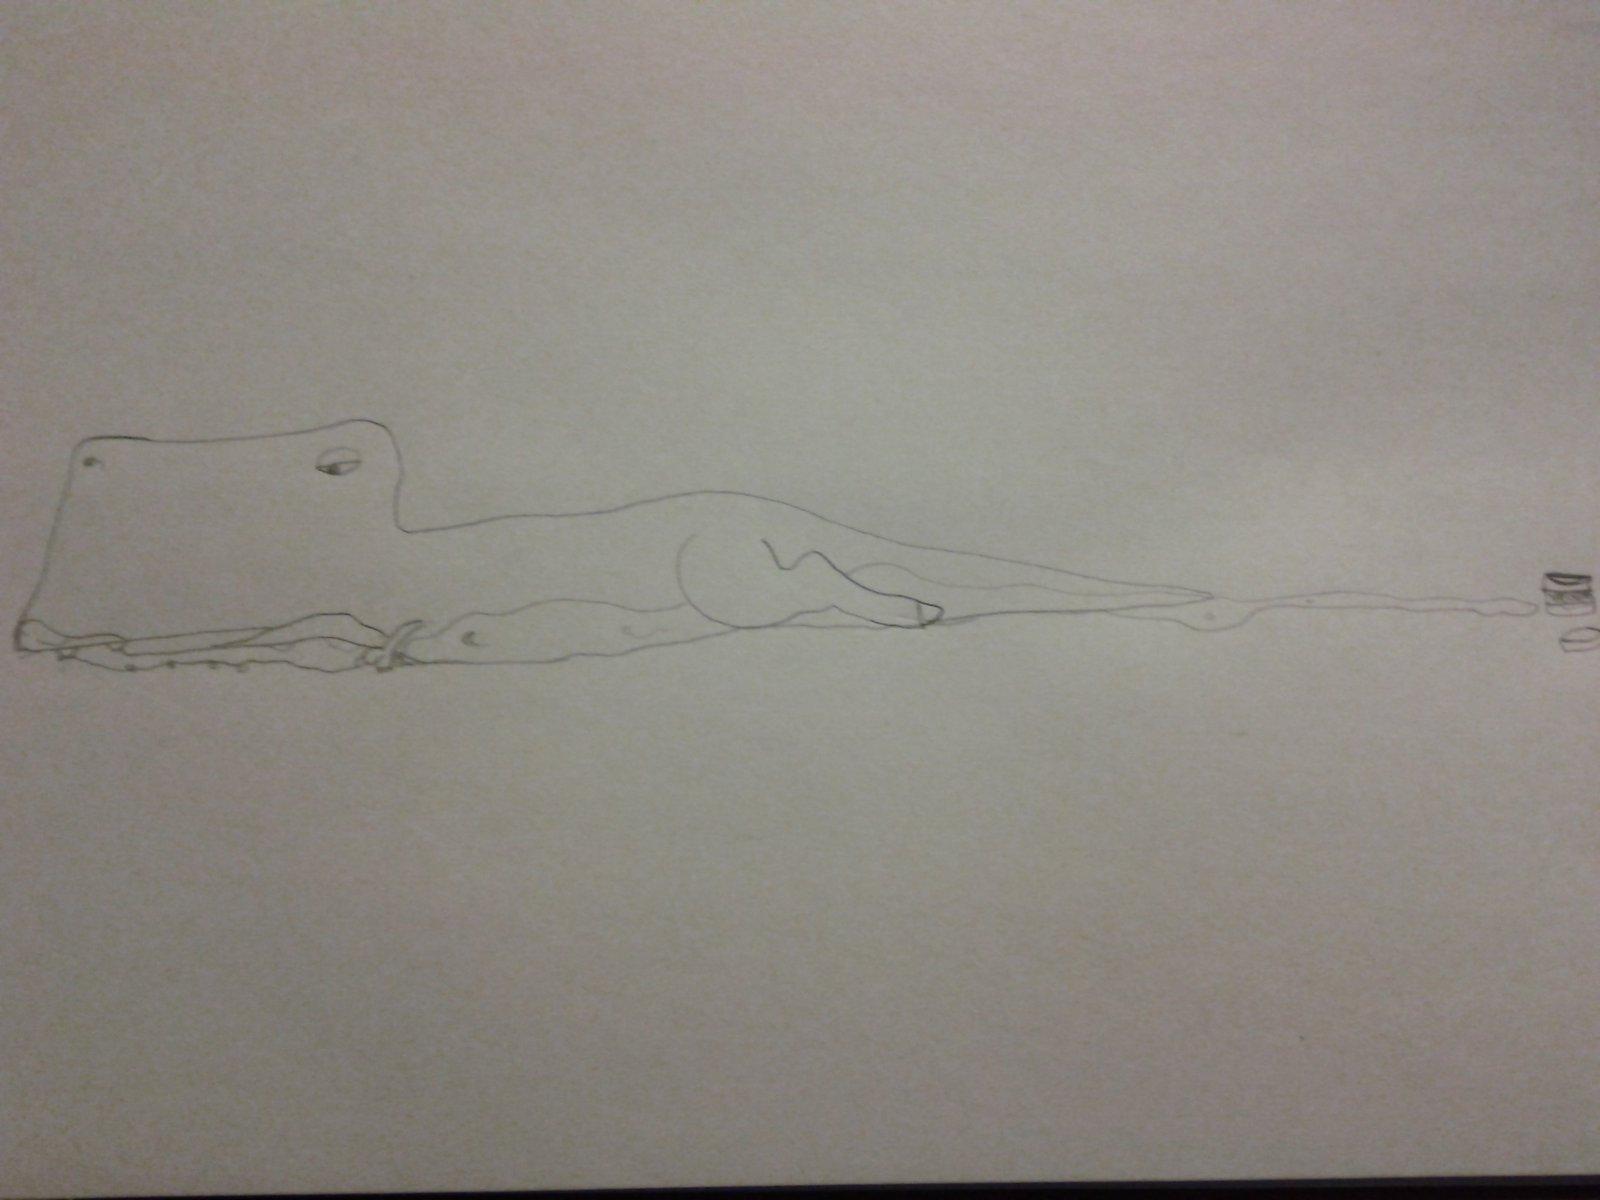 Vasoline slug rex